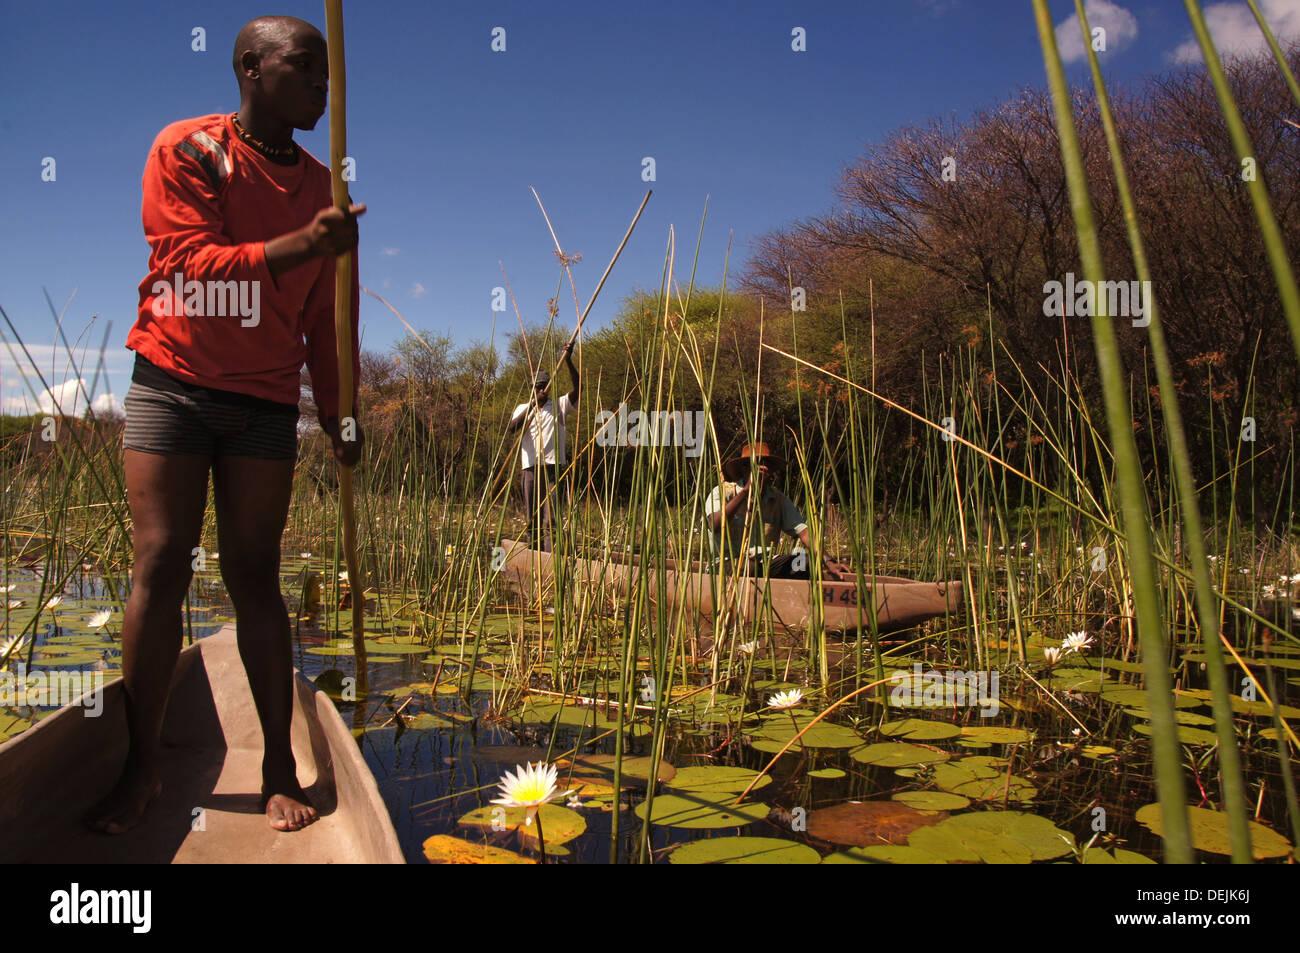 On ´moroko´ dug-out canoe at the Okavango Delta, Botswana - Stock Image